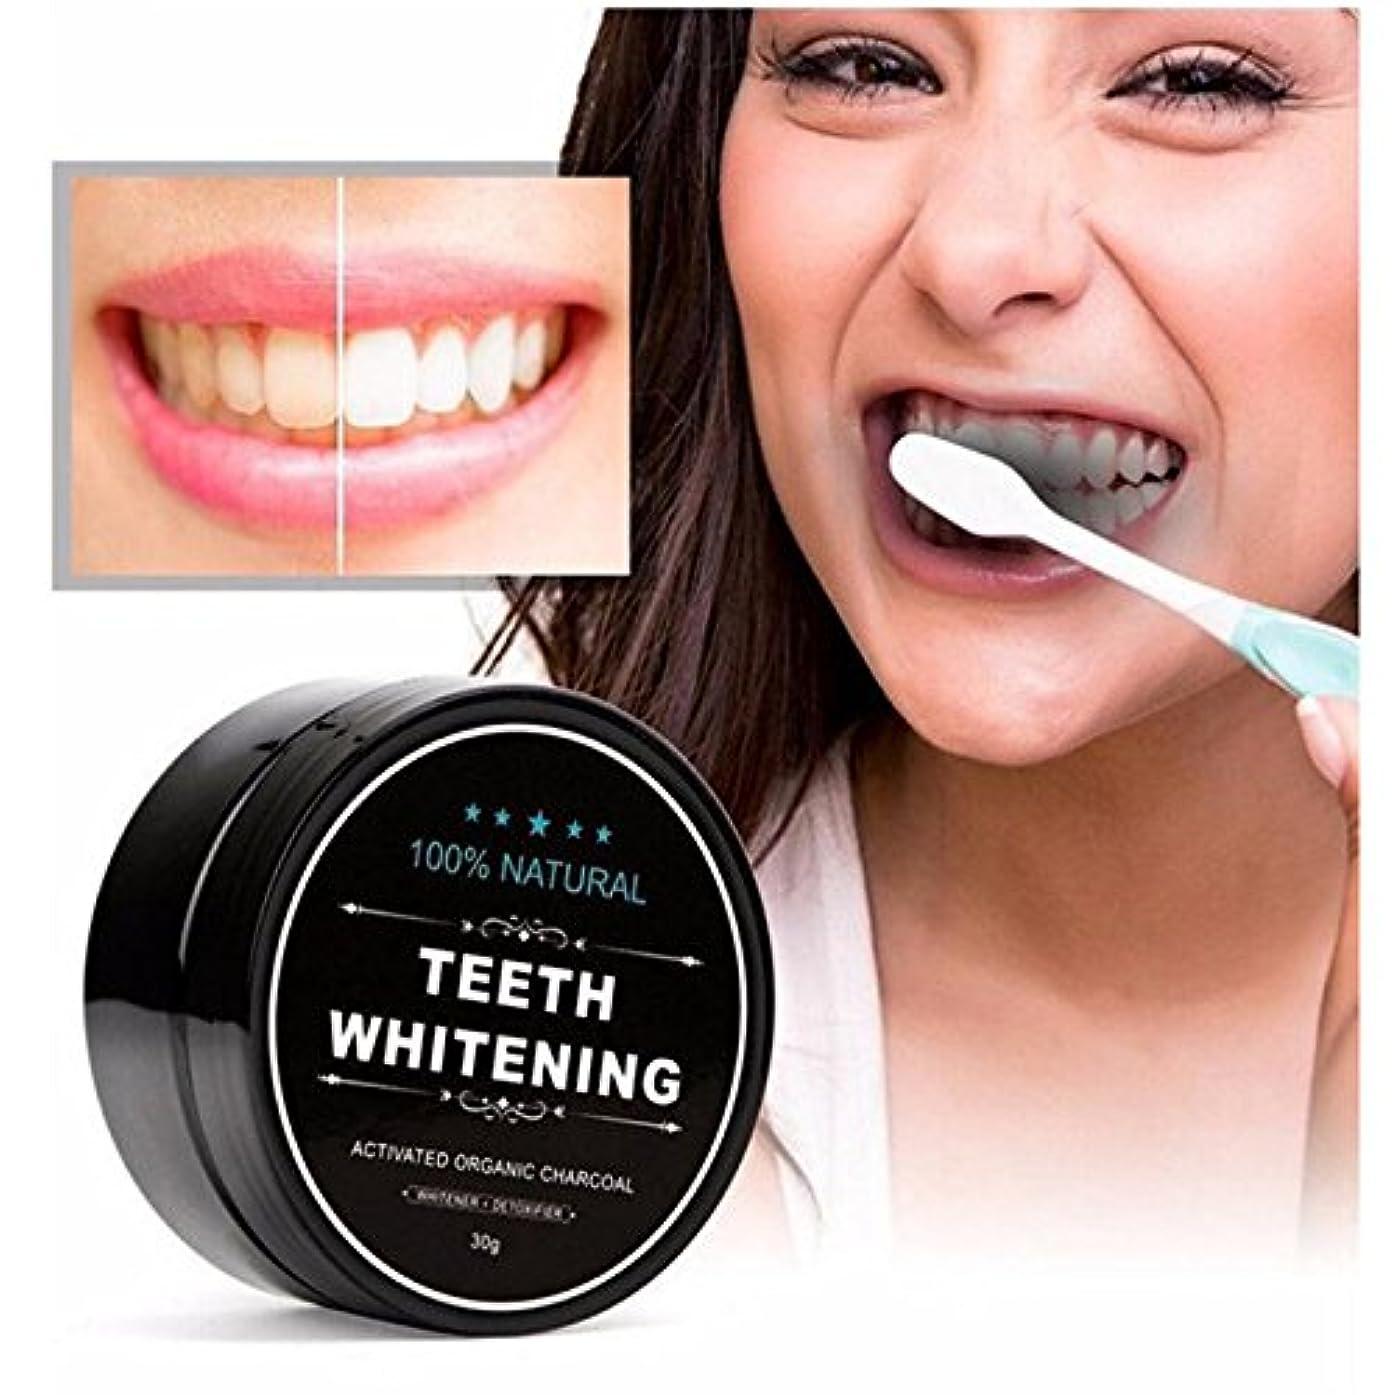 不変水銀の不純Oral Dentistryチャコールホワイトニング 歯磨き粉 歯のホワイトニング 歯磨き剤 食べる活性炭 活性炭パウダー 竹炭 ブラック (1個)